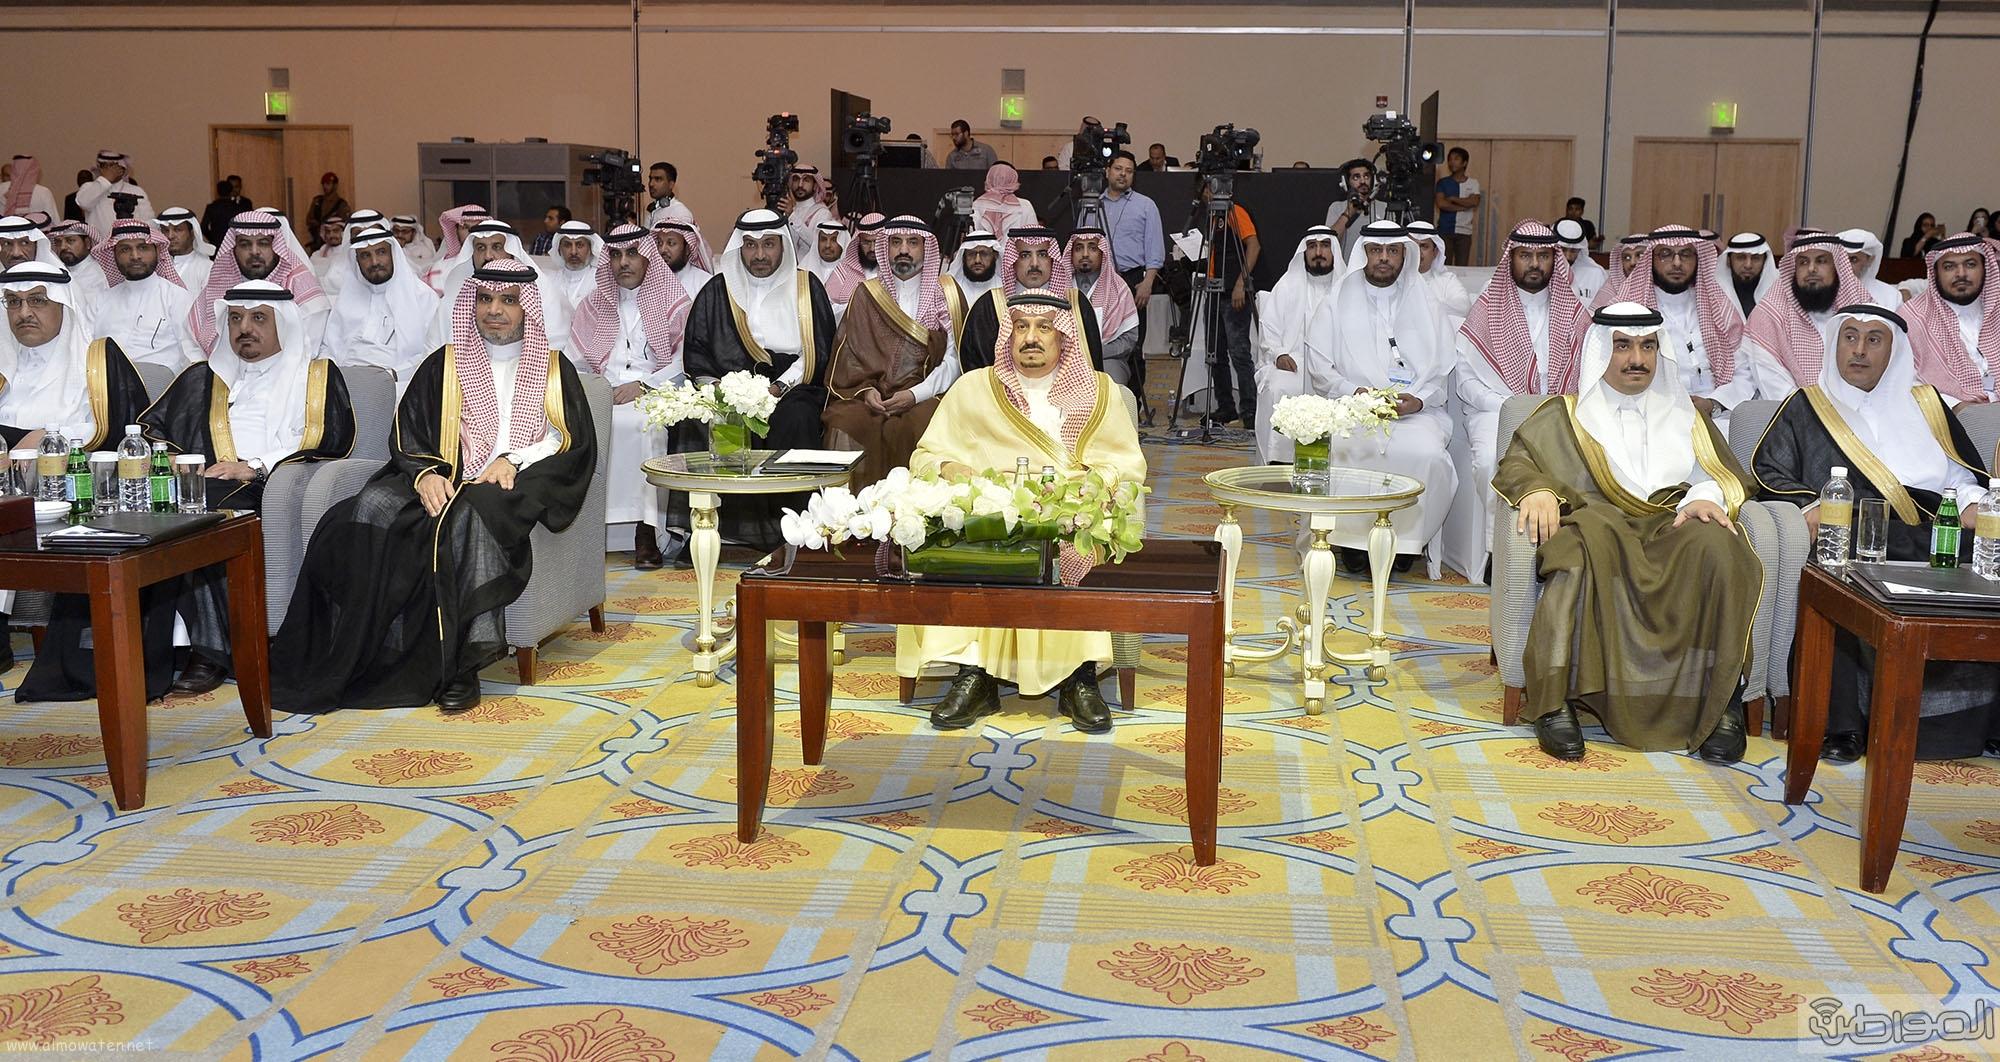 امير الرياض من ملتقي معا لانشاء جيل عالي من التعليم (4)